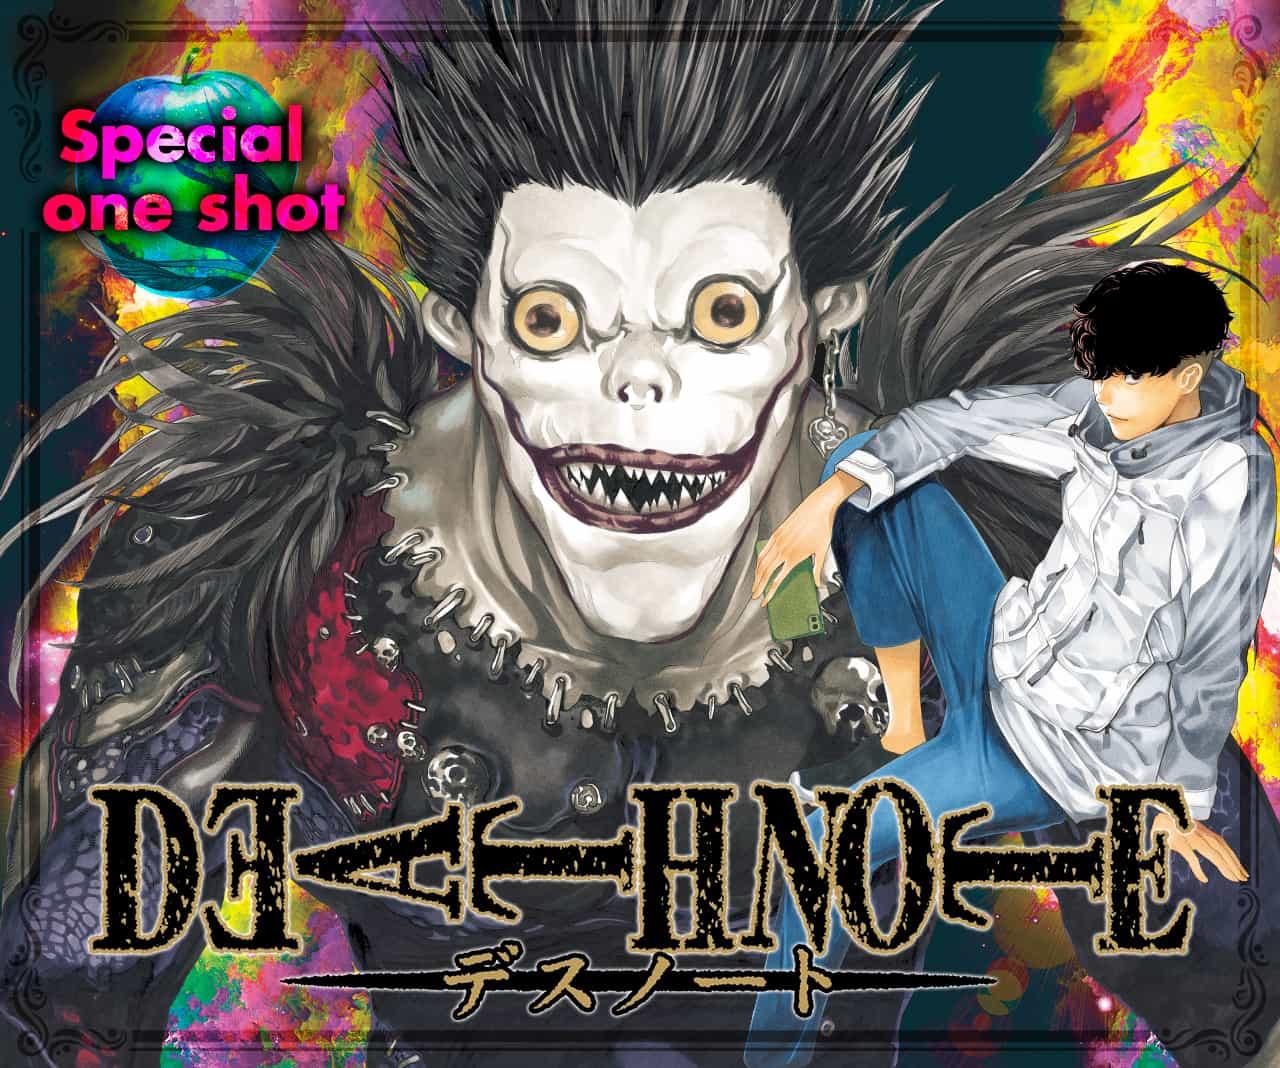 Death Note è tornato con una one-shot sequel: uno sguardo